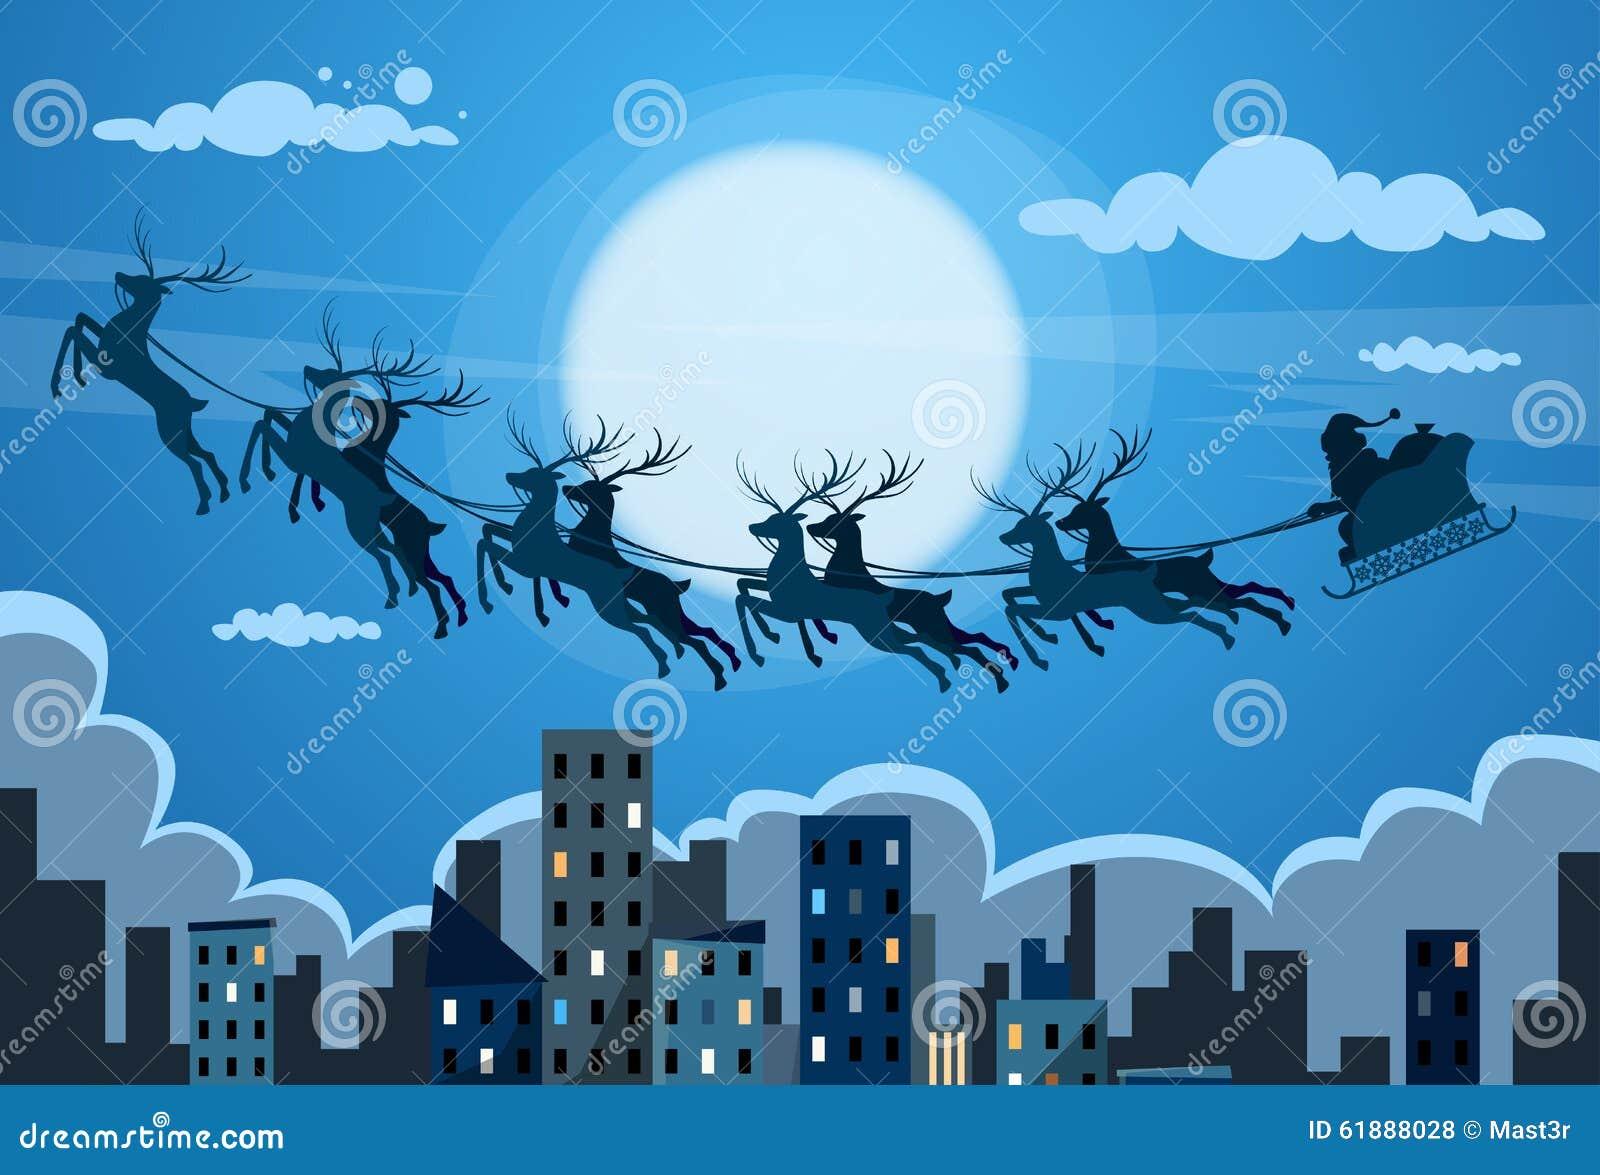 Santa Claus Sleigh Reindeer Fly Sky Over City Stock Vector